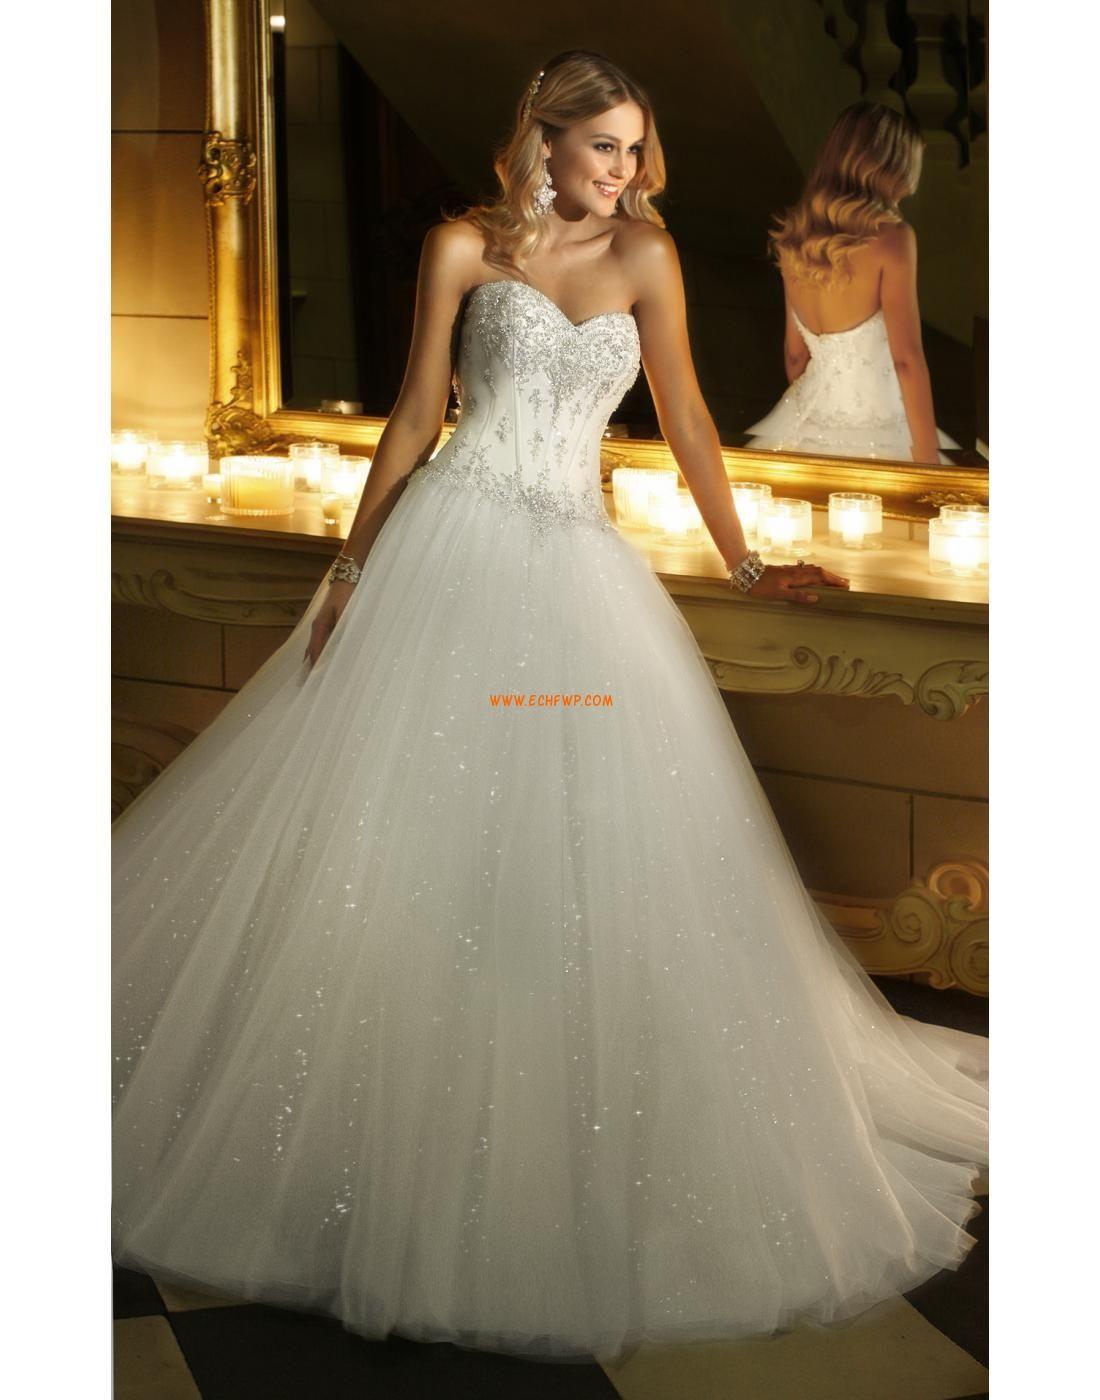 Srdíčko Okouzlijící   dramatický Léto Svatební šaty 2014 ... 5558df26f9